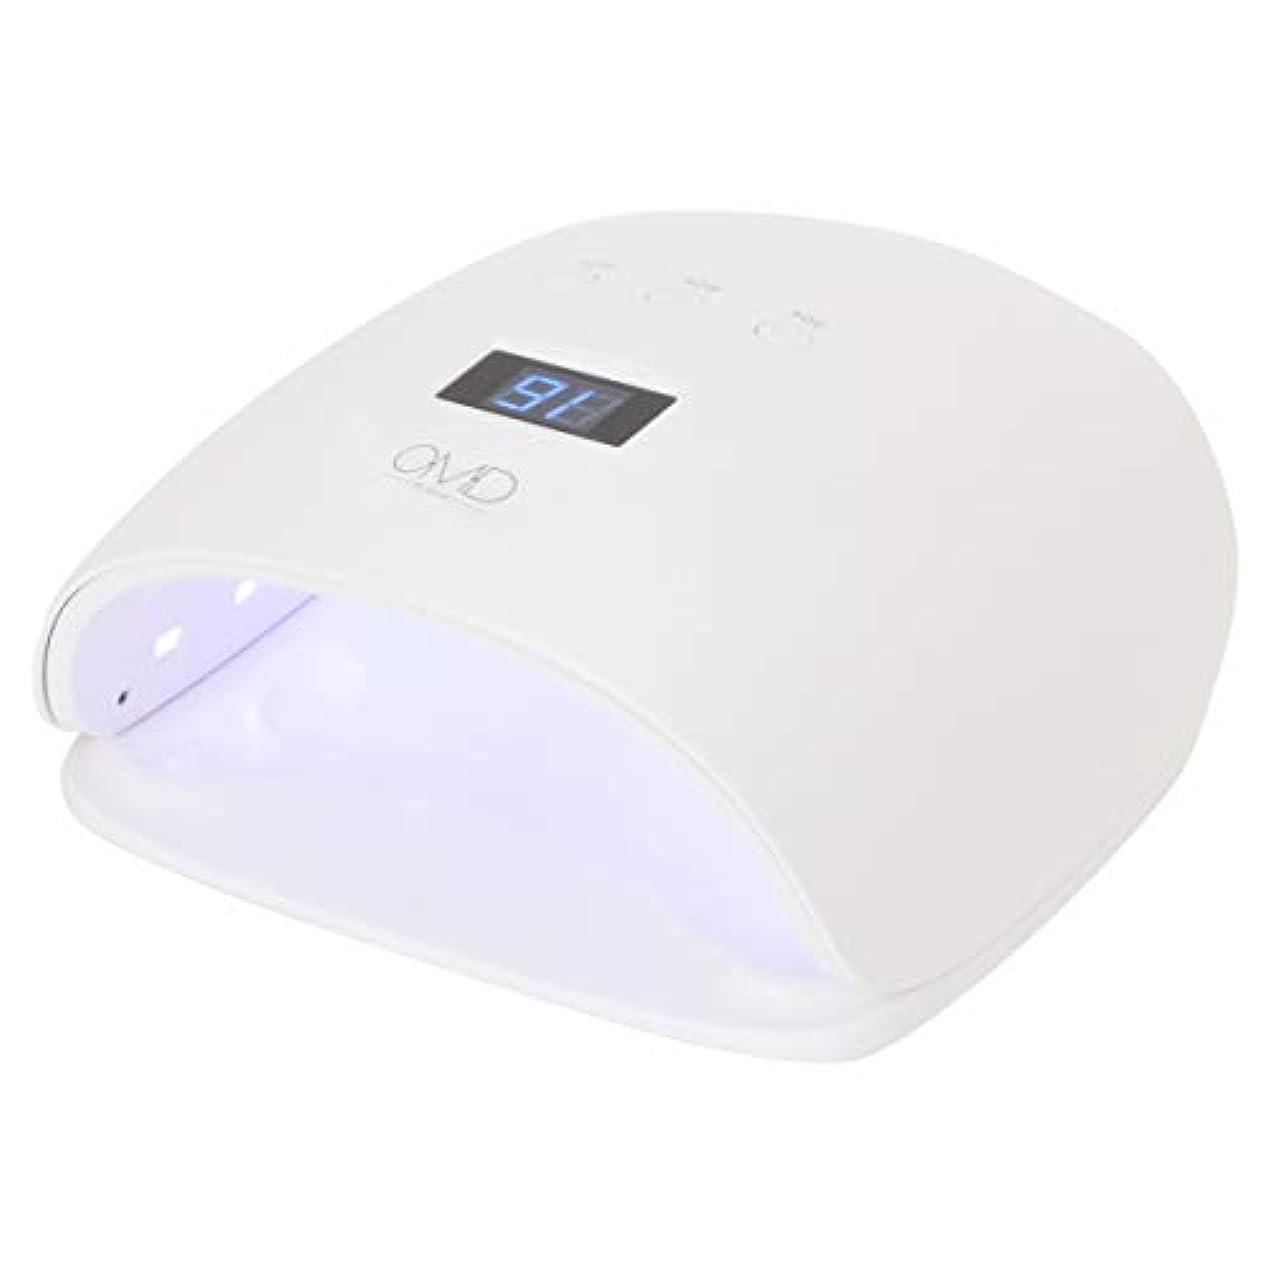 初心者テスト優しい<OMD> DX UV/LEDライト-D02 [ ネイルライト ネイルランプ LEDライト LEDランプ UVライト UVランプ ジェルネイル ネイルドライヤー LED UV ネイル ライト ランプ ]